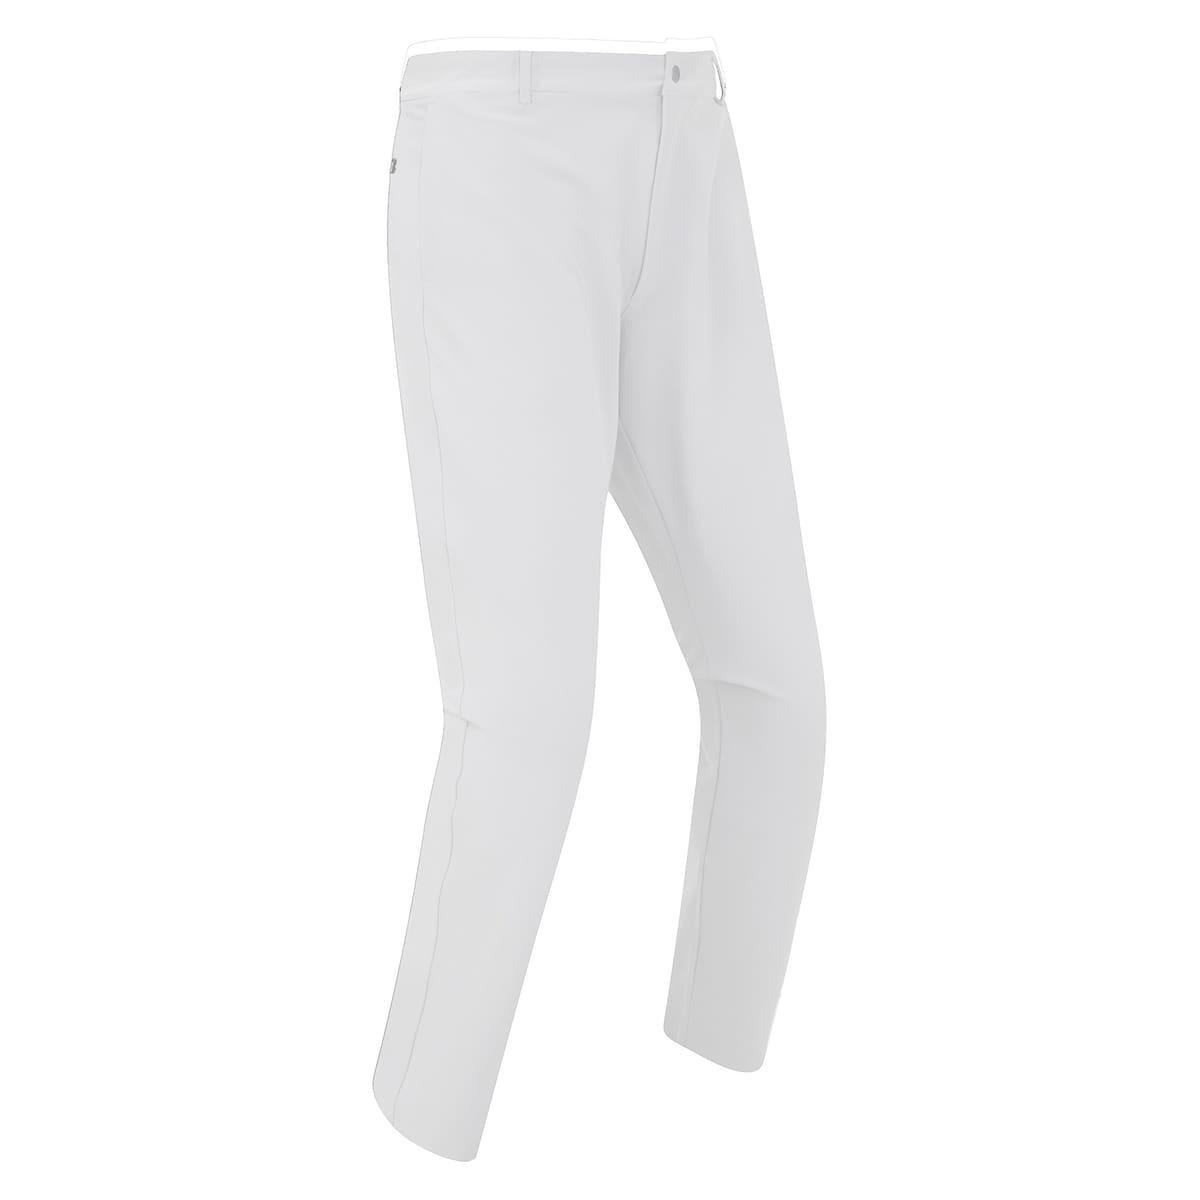 Pantalon FJ Lite coupe ajustée